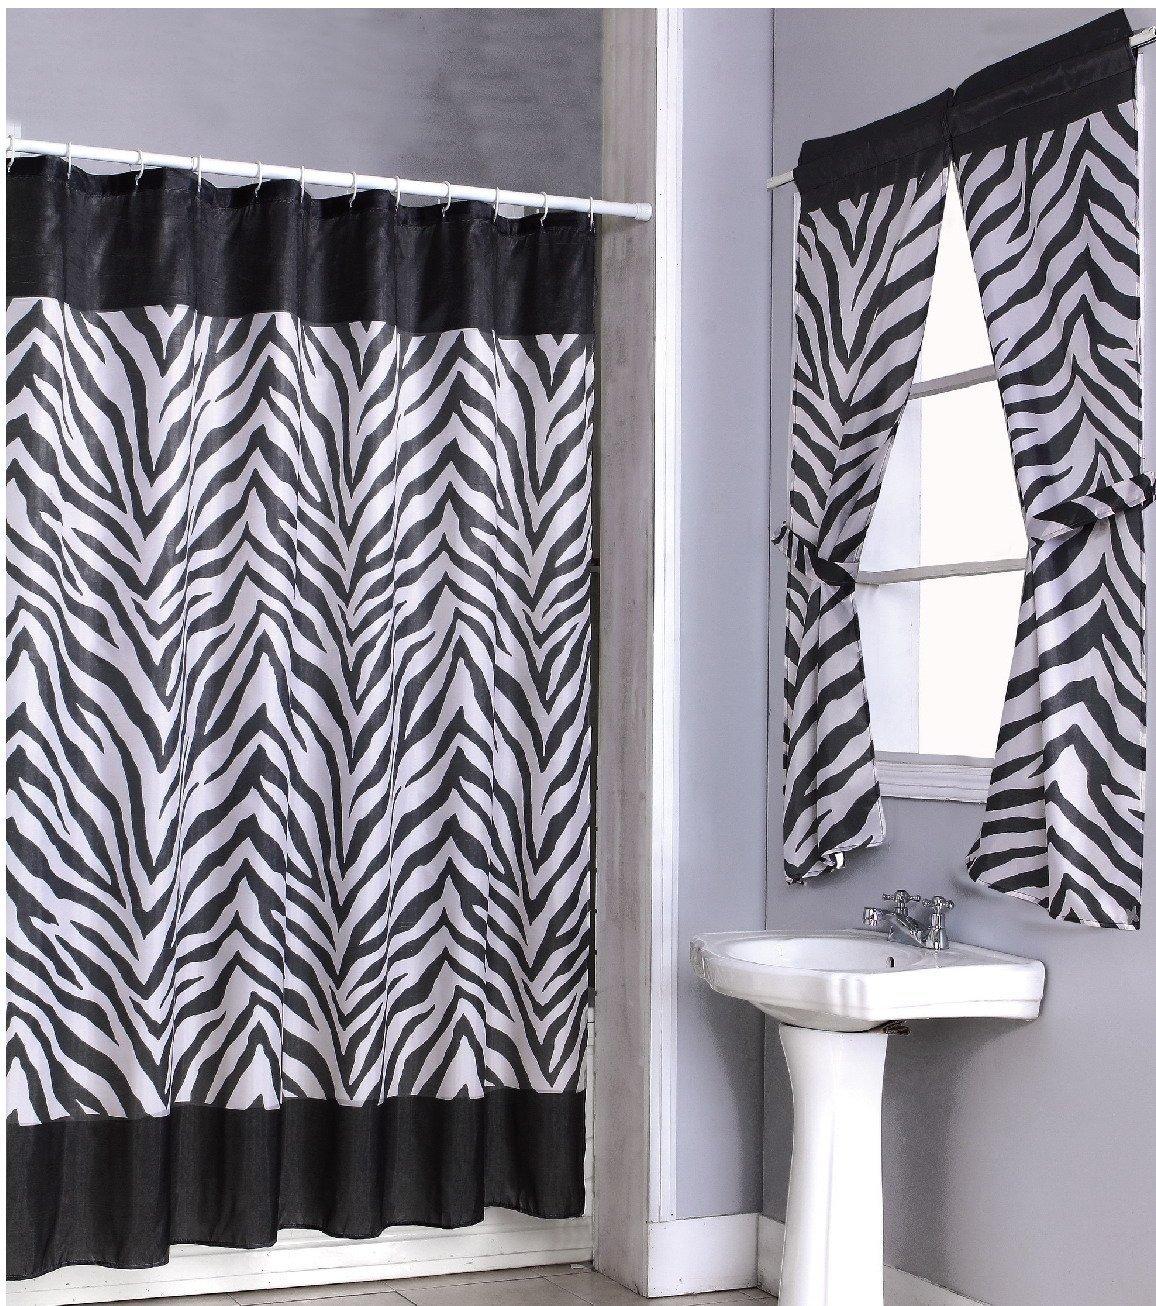 Small Bathroom Window Curtain Ideas A Creative Mom